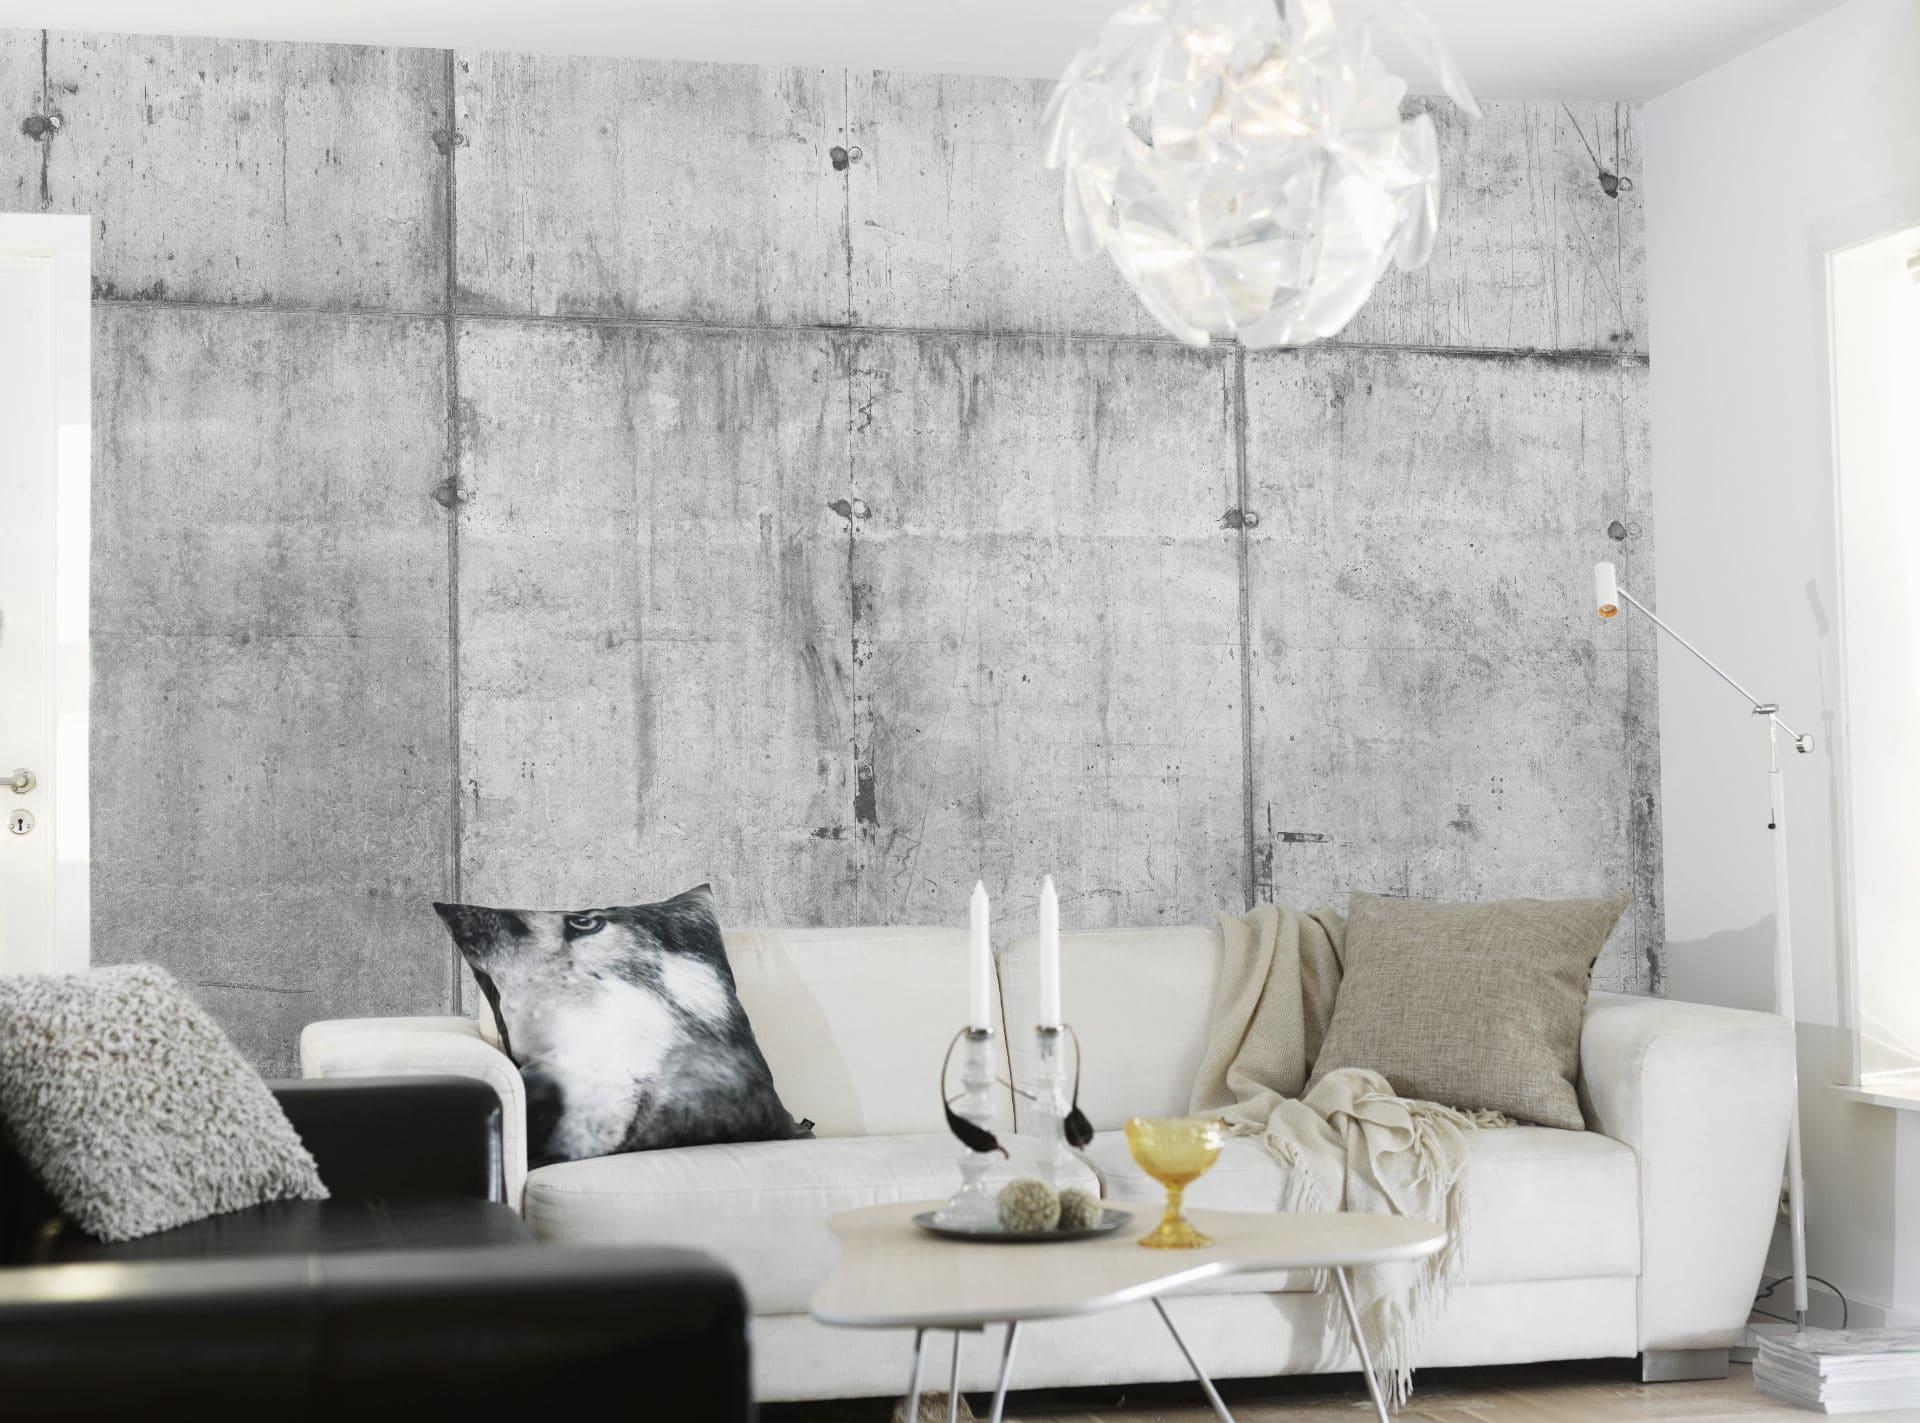 Mur en béton pour un style industriel et minéral